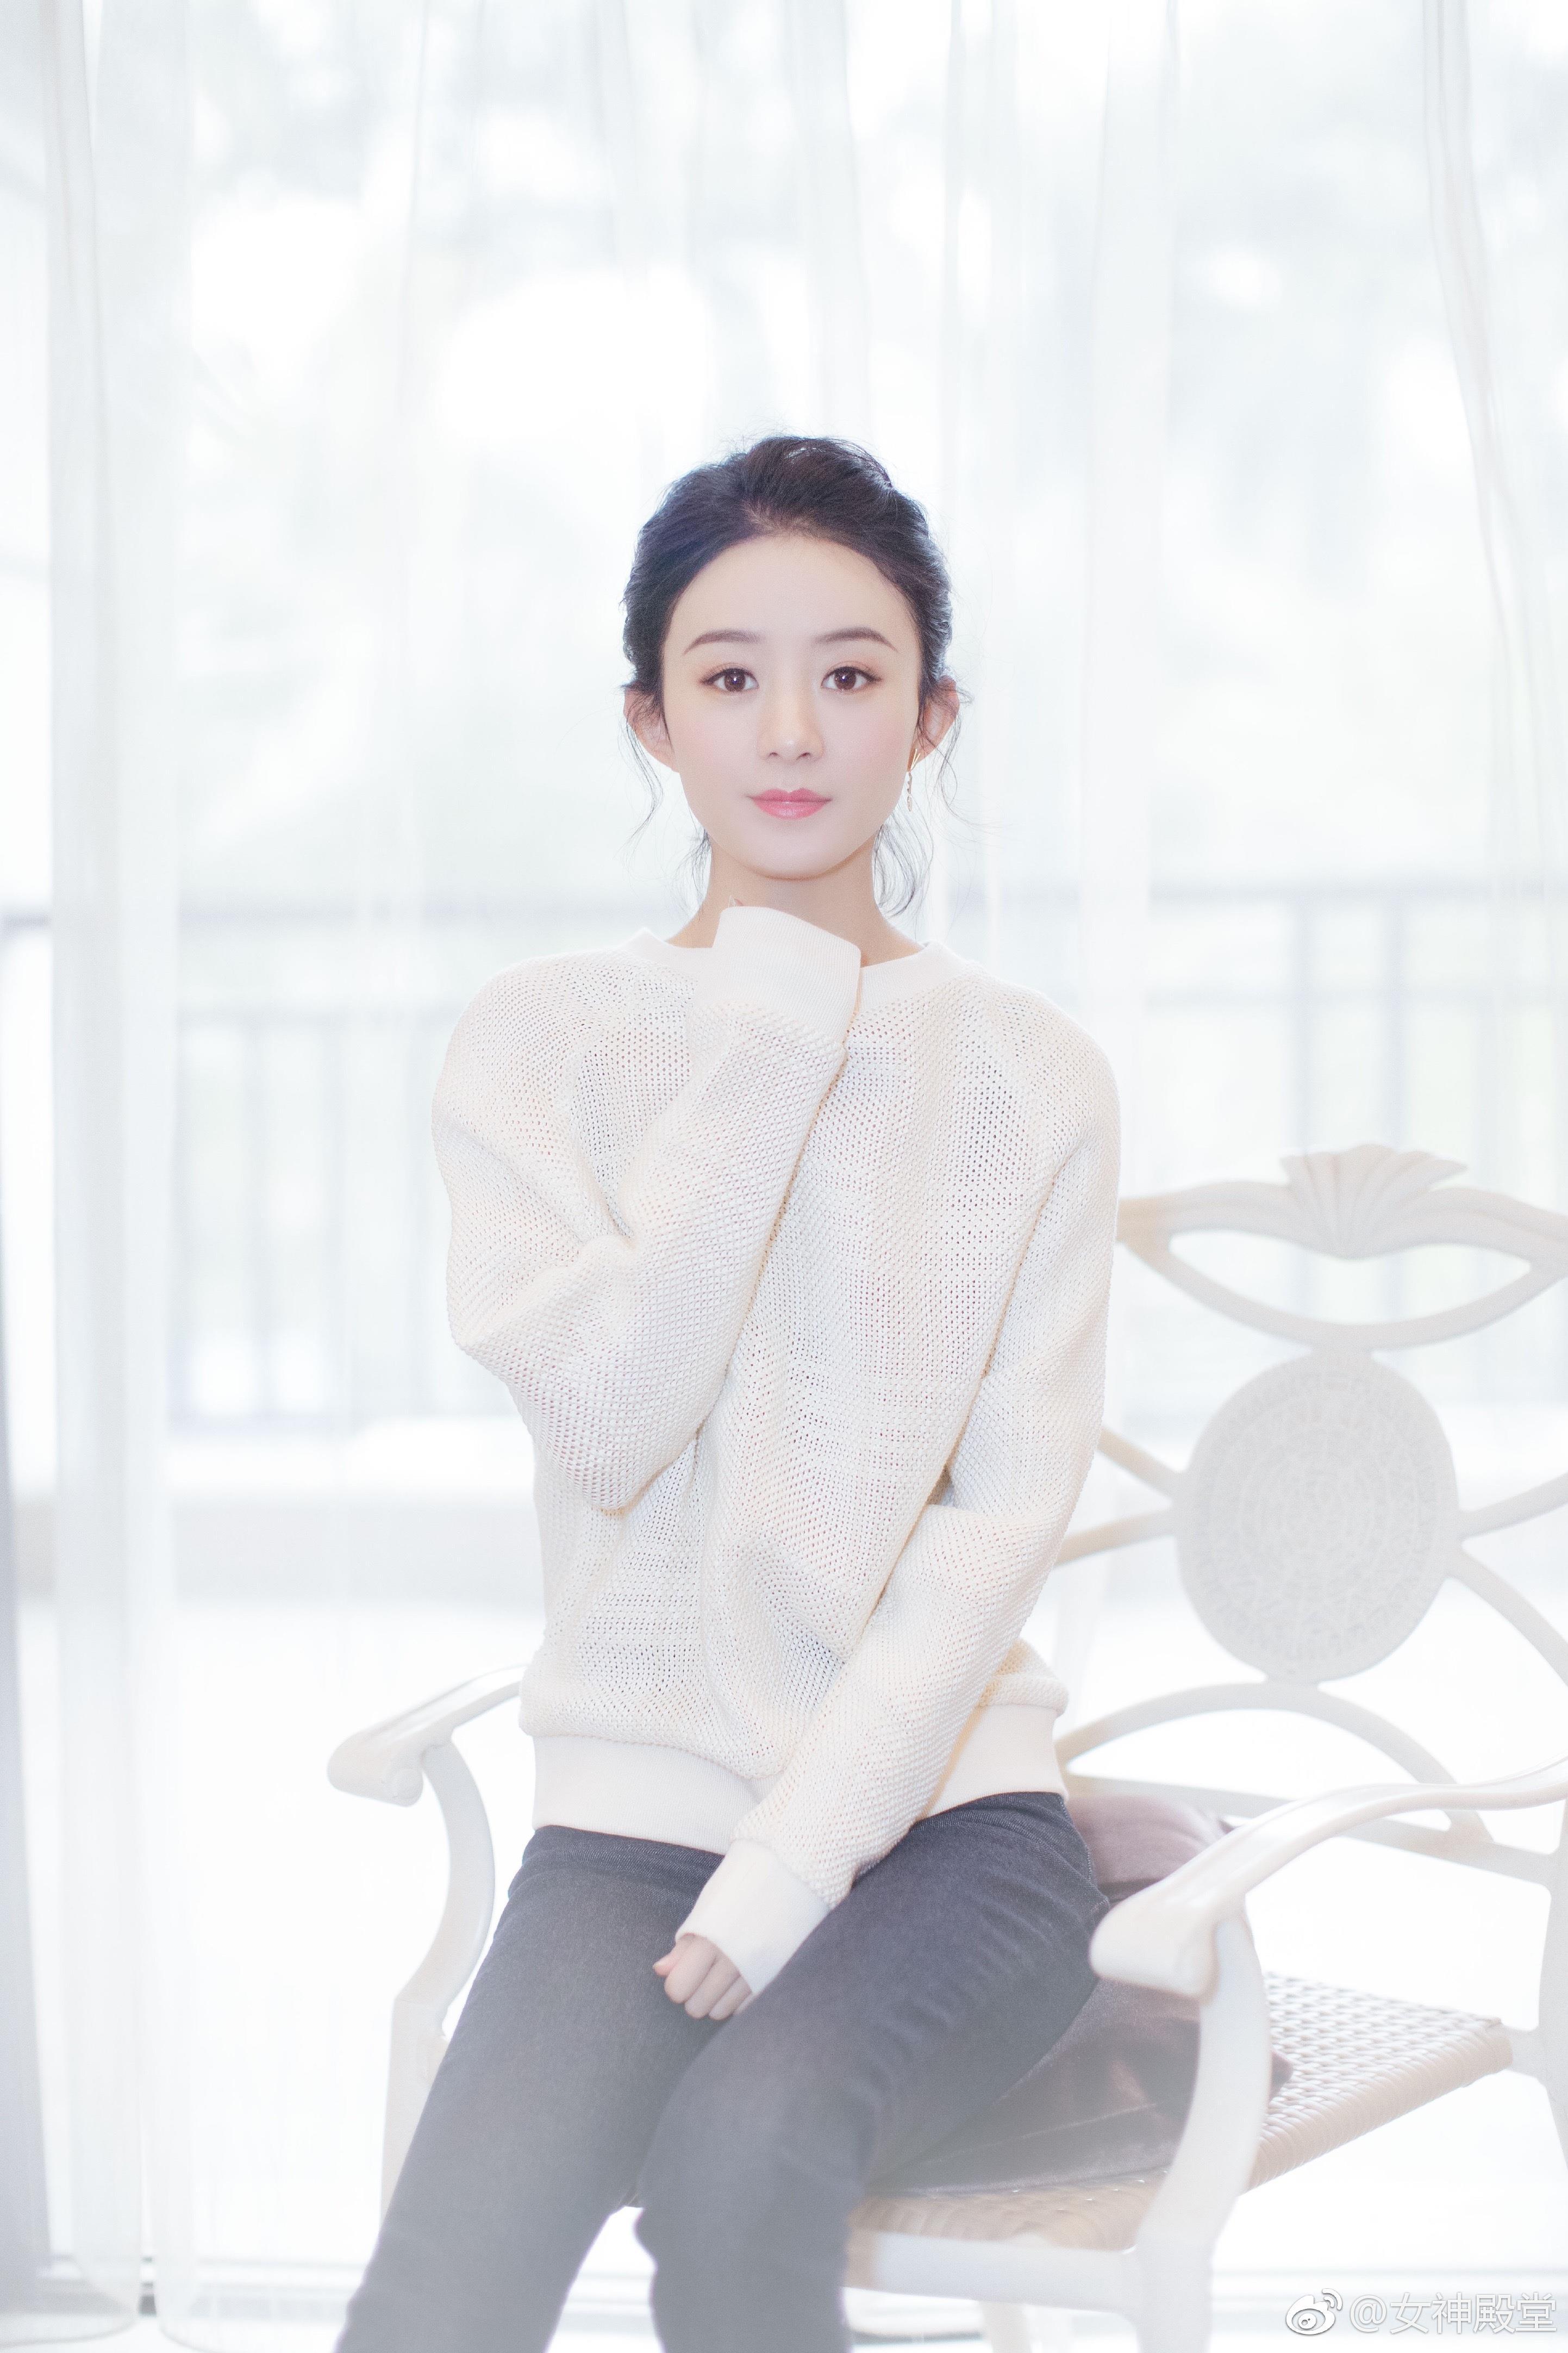 2月7日赵丽颖路演 白色毛衣外搭牛仔长裤 外搭白色羽绒服 非常清新甜美的穿搭,